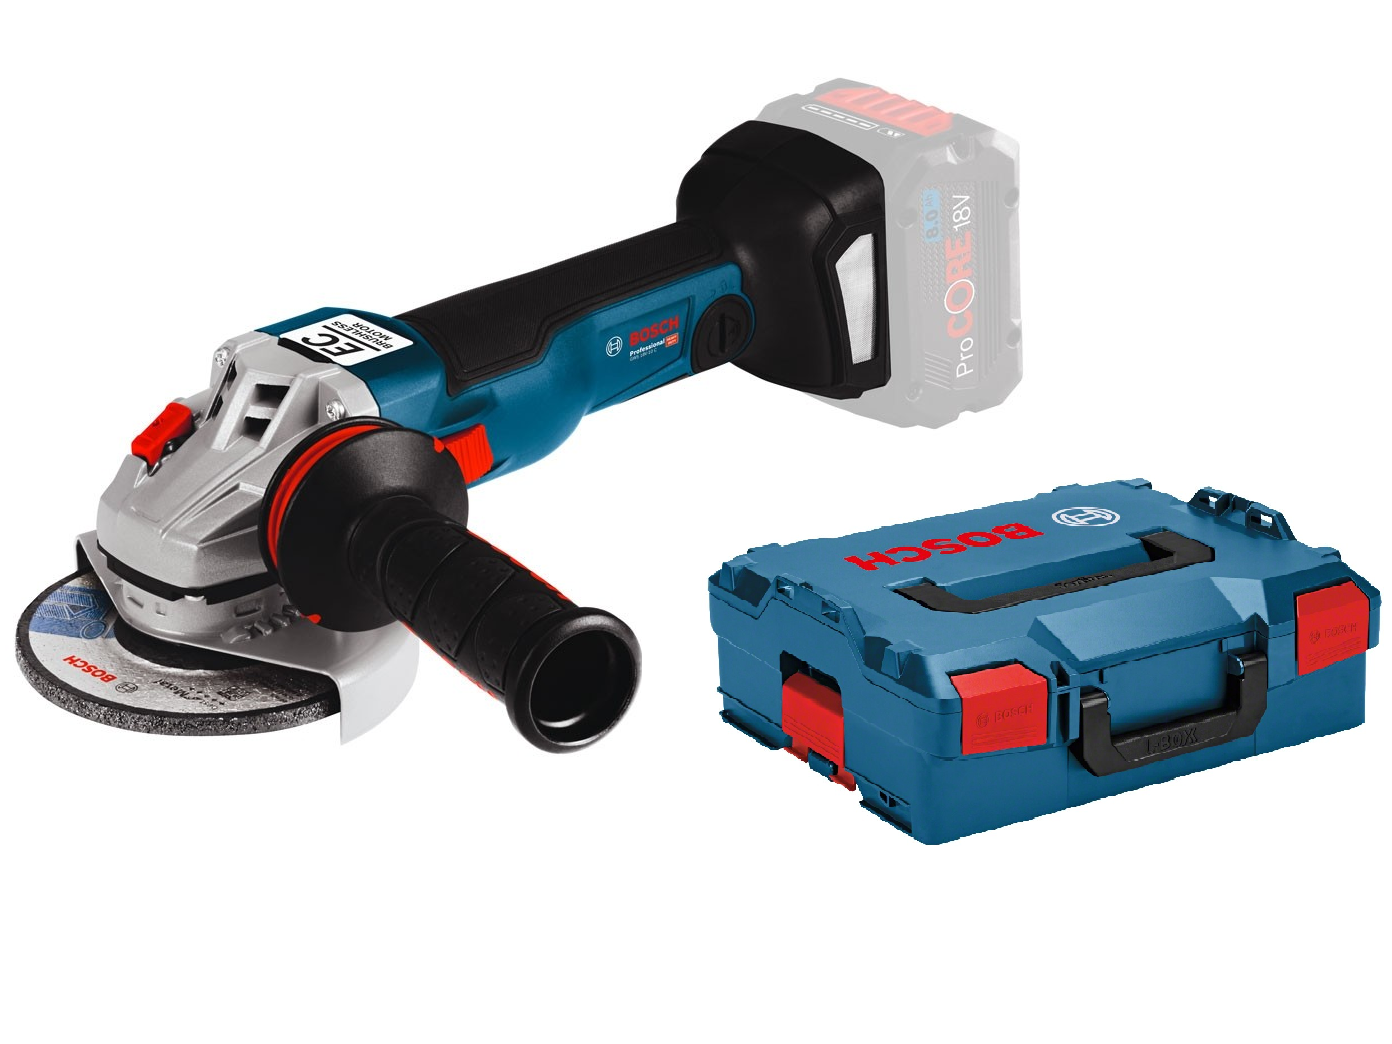 Aku úhlová bruska Bosch GWS 18V-10 SC Professional - 18V, 125mm, 2.0kg, kufr, bez akumulátoru a nabíječky (06019G350B) Bosch PROFI